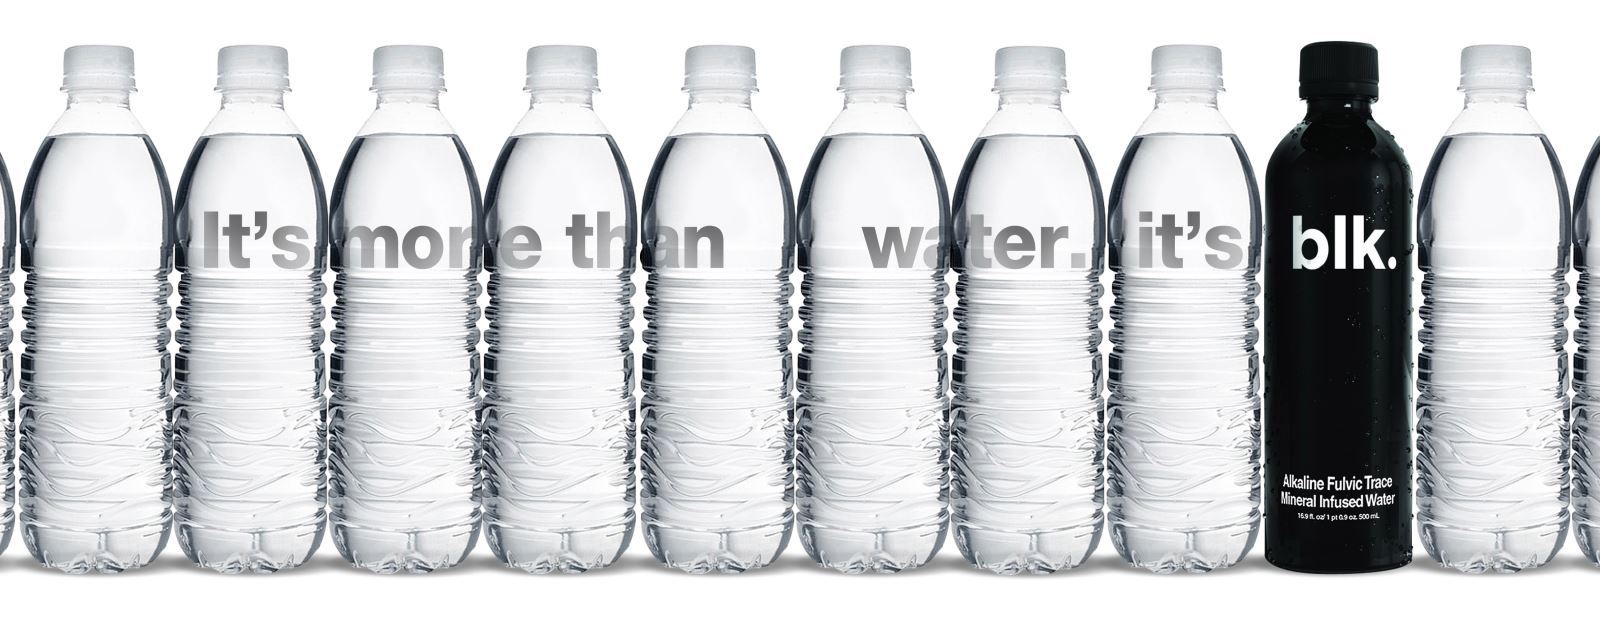 blk, l'eau minérale noire